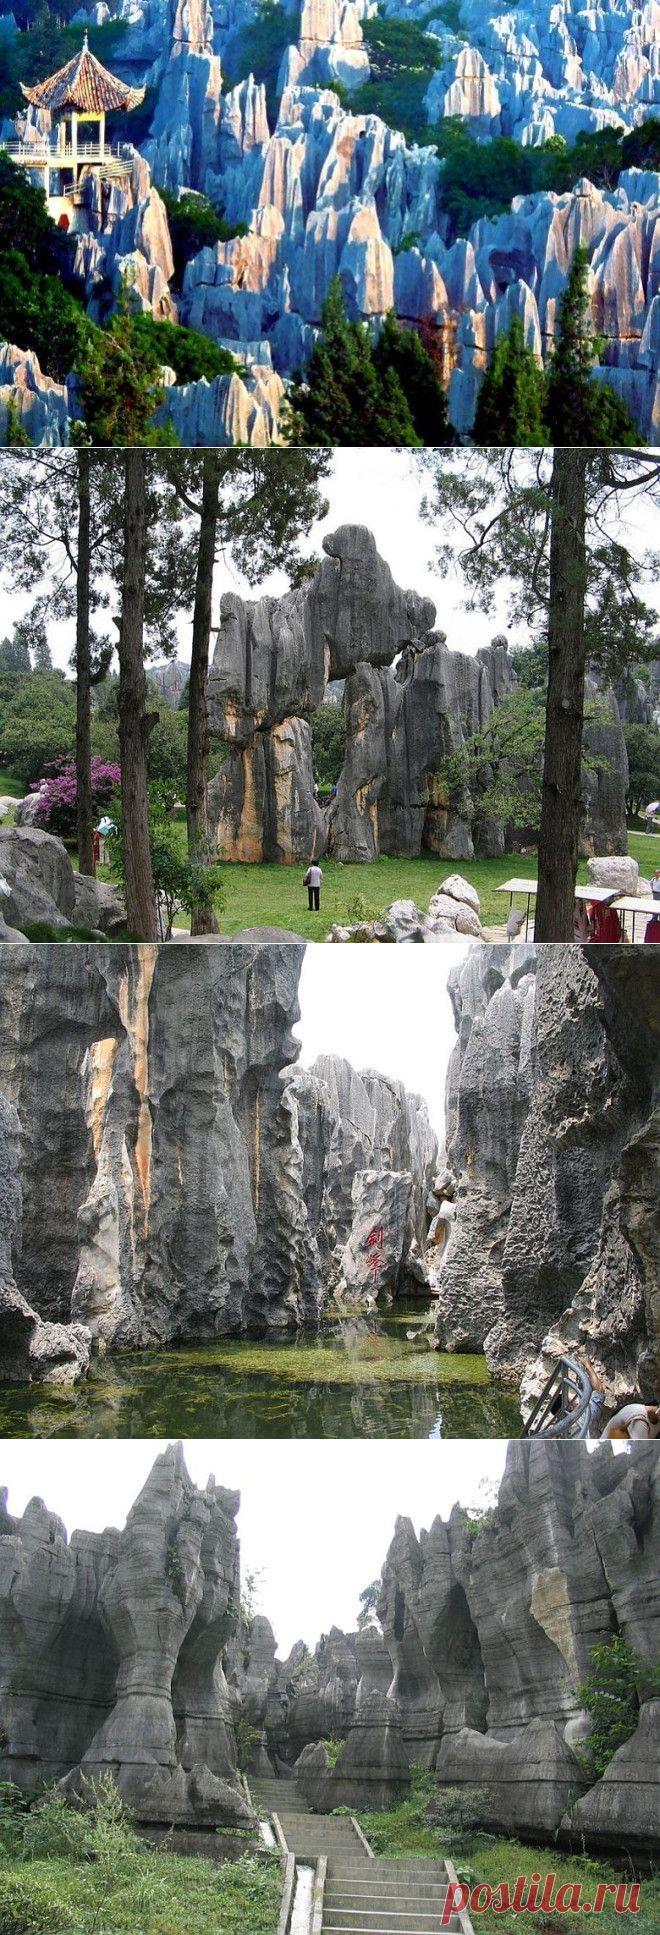 Шилинь, Китай.В провинции Юньнань на территории площадью 350 км2 раскинулся «каменный лес» Шилинь. Древние скалы, пещеры, водопады и озера создают атмосферу сказочного мира. По легенде, один юноша решил спасти народ от засухи и построить плотину. Волшебник дал ему хлыст и жезл, чтобы рассекать и перемещать каменные глыбы. Самые малоизвестные чудеса природы.Но инструменты имели магическую силу лишь до рассвета. Юноша не закончил работу, и огромные монолиты так и остались ра...